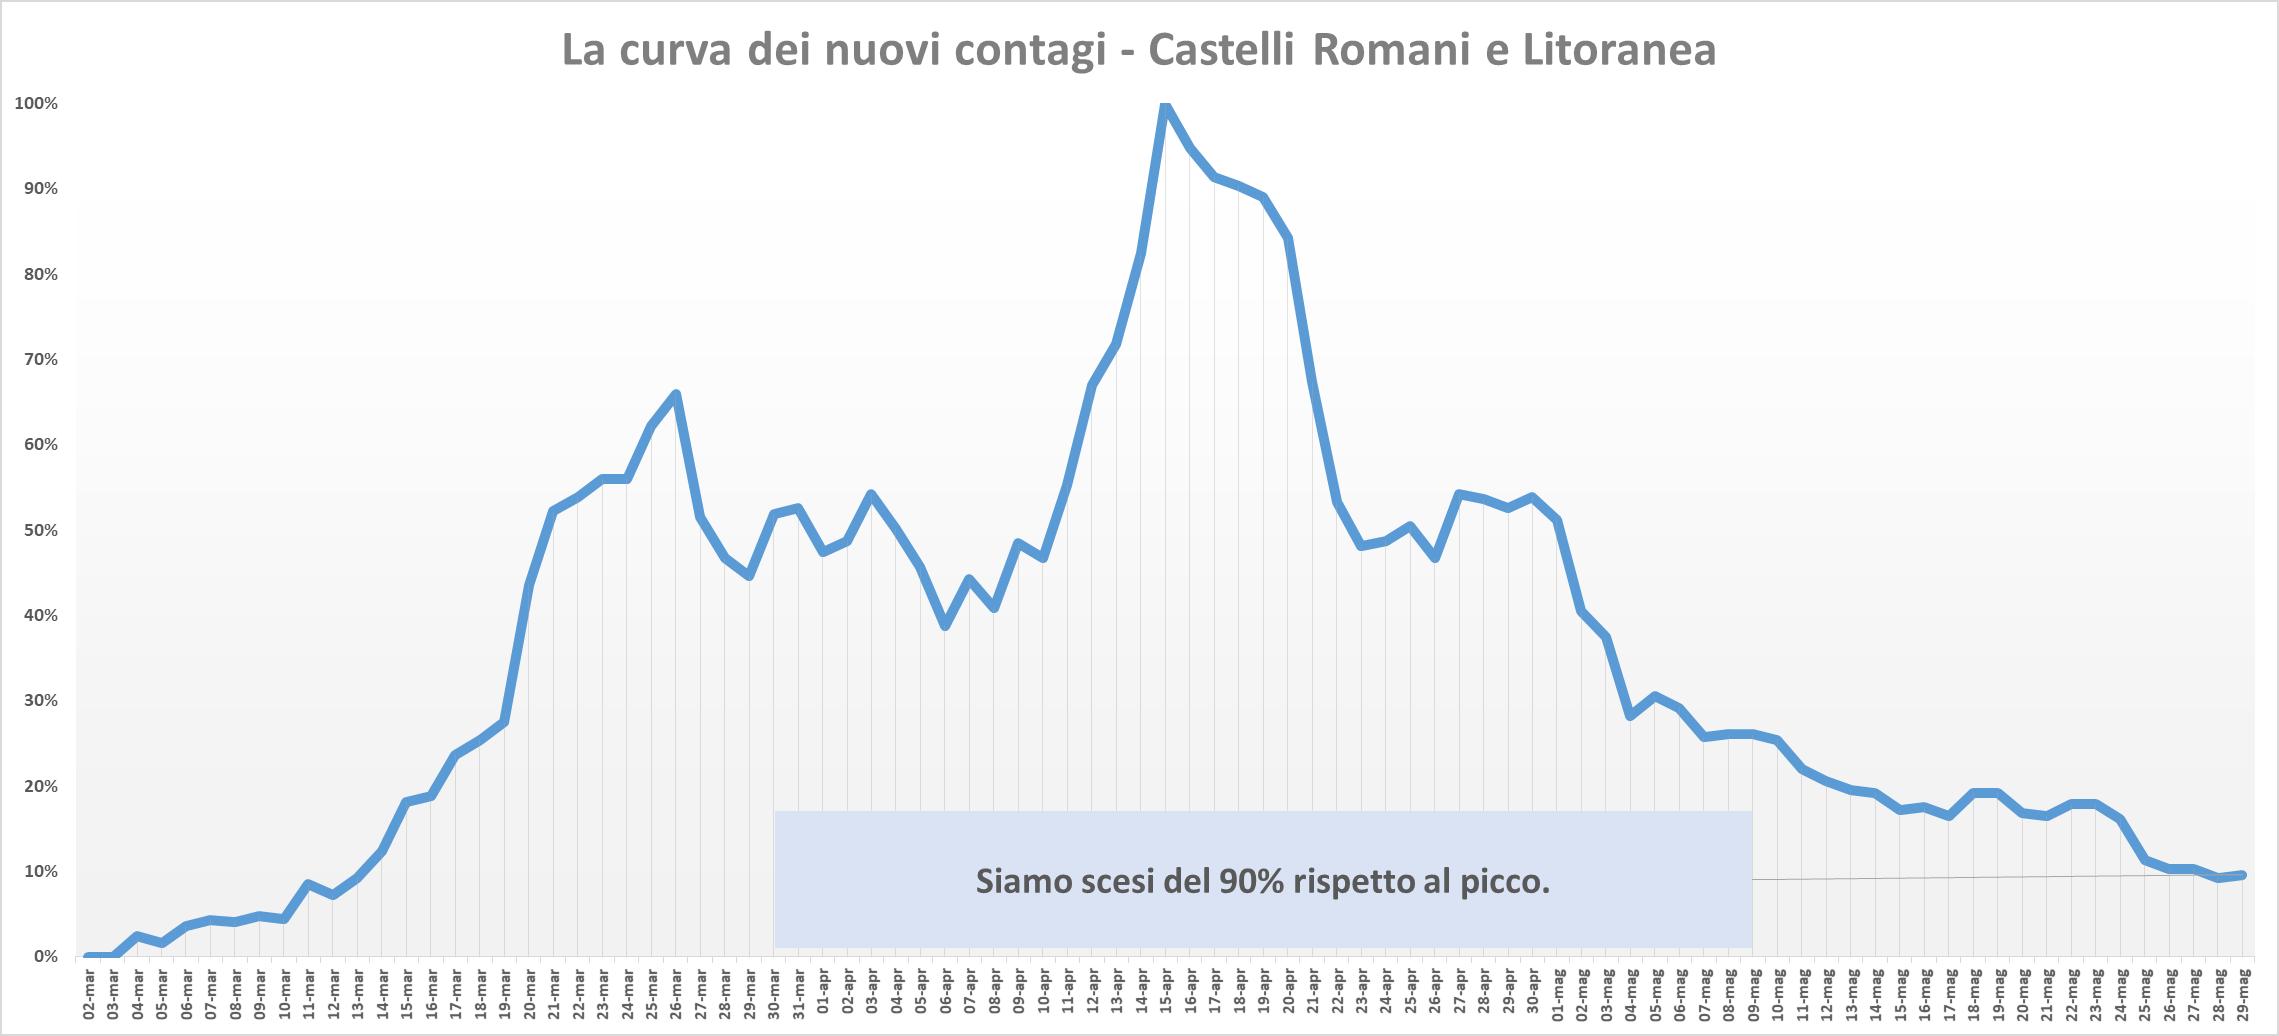 Coronavirus, nel Lazio solo 6 nuovi casi. Ecco i dati